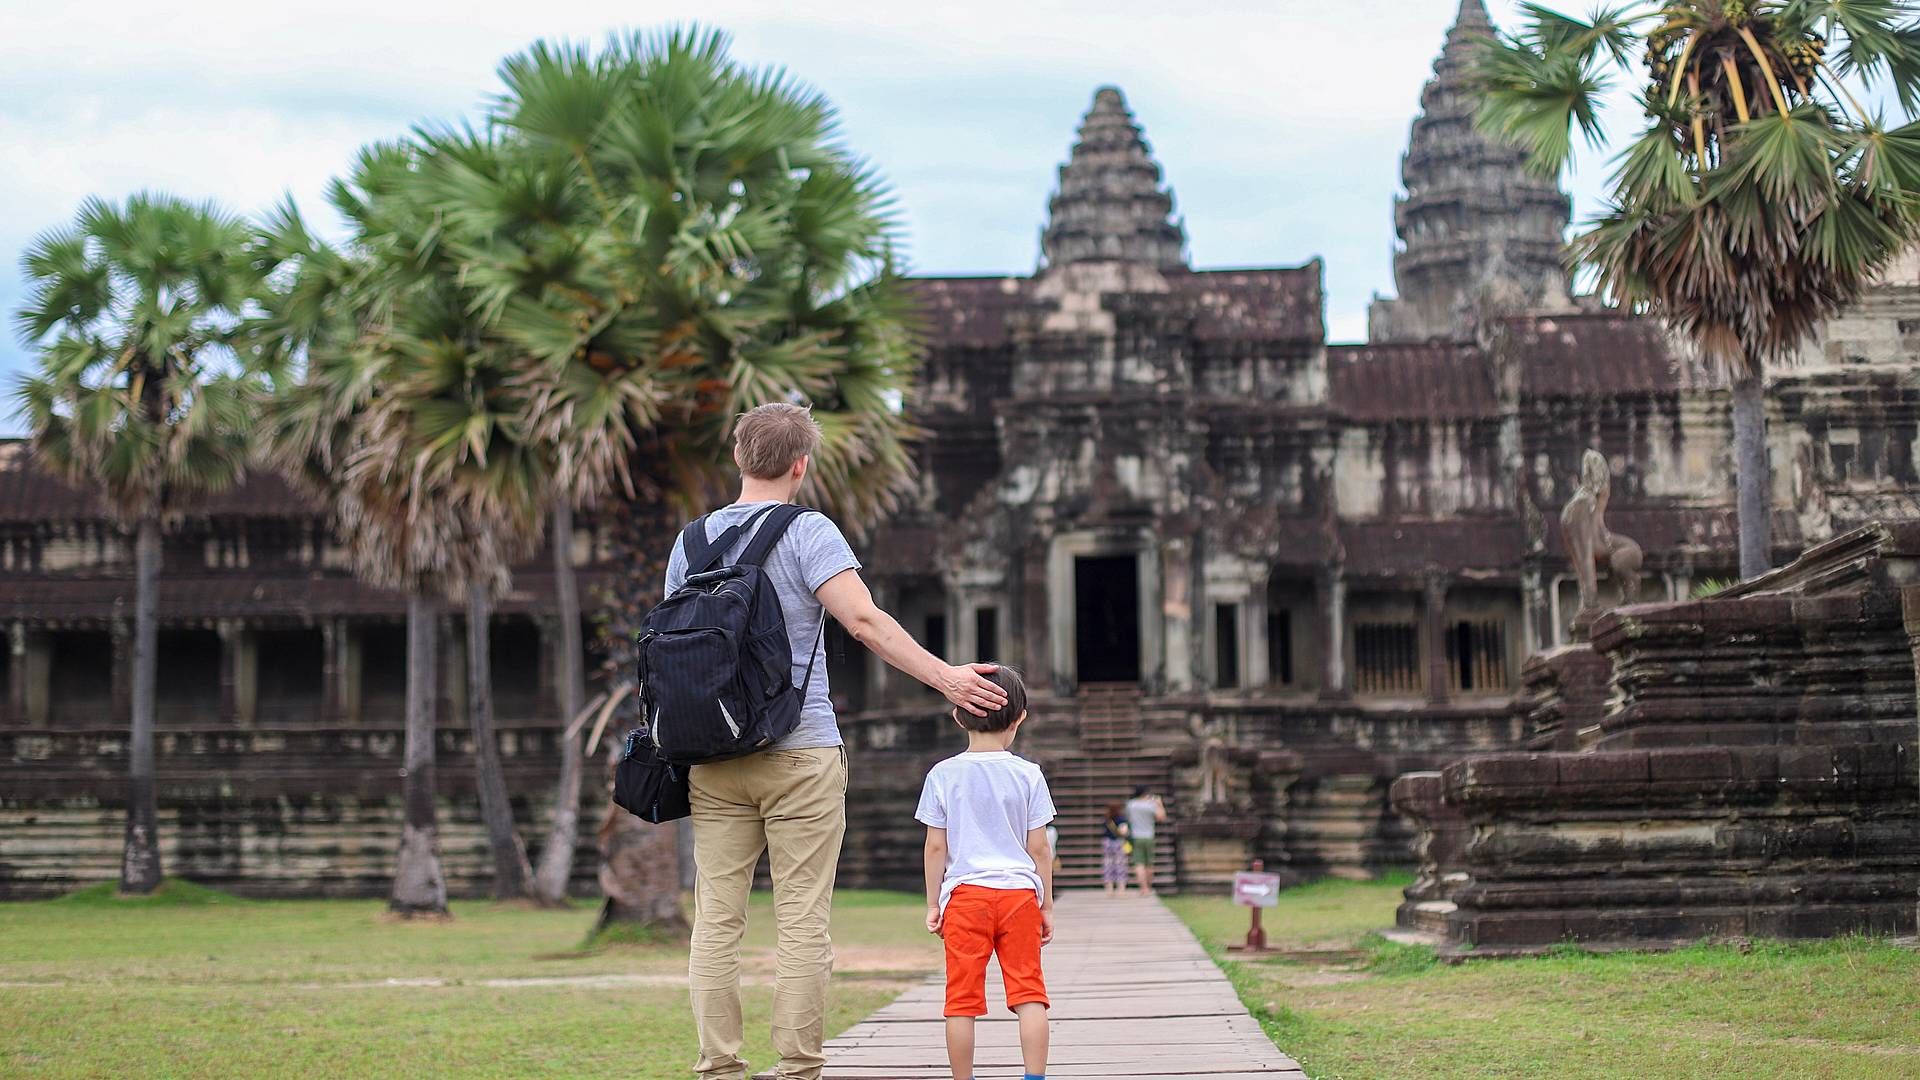 Strabiliante Bangkok e Cambogia in famiglia